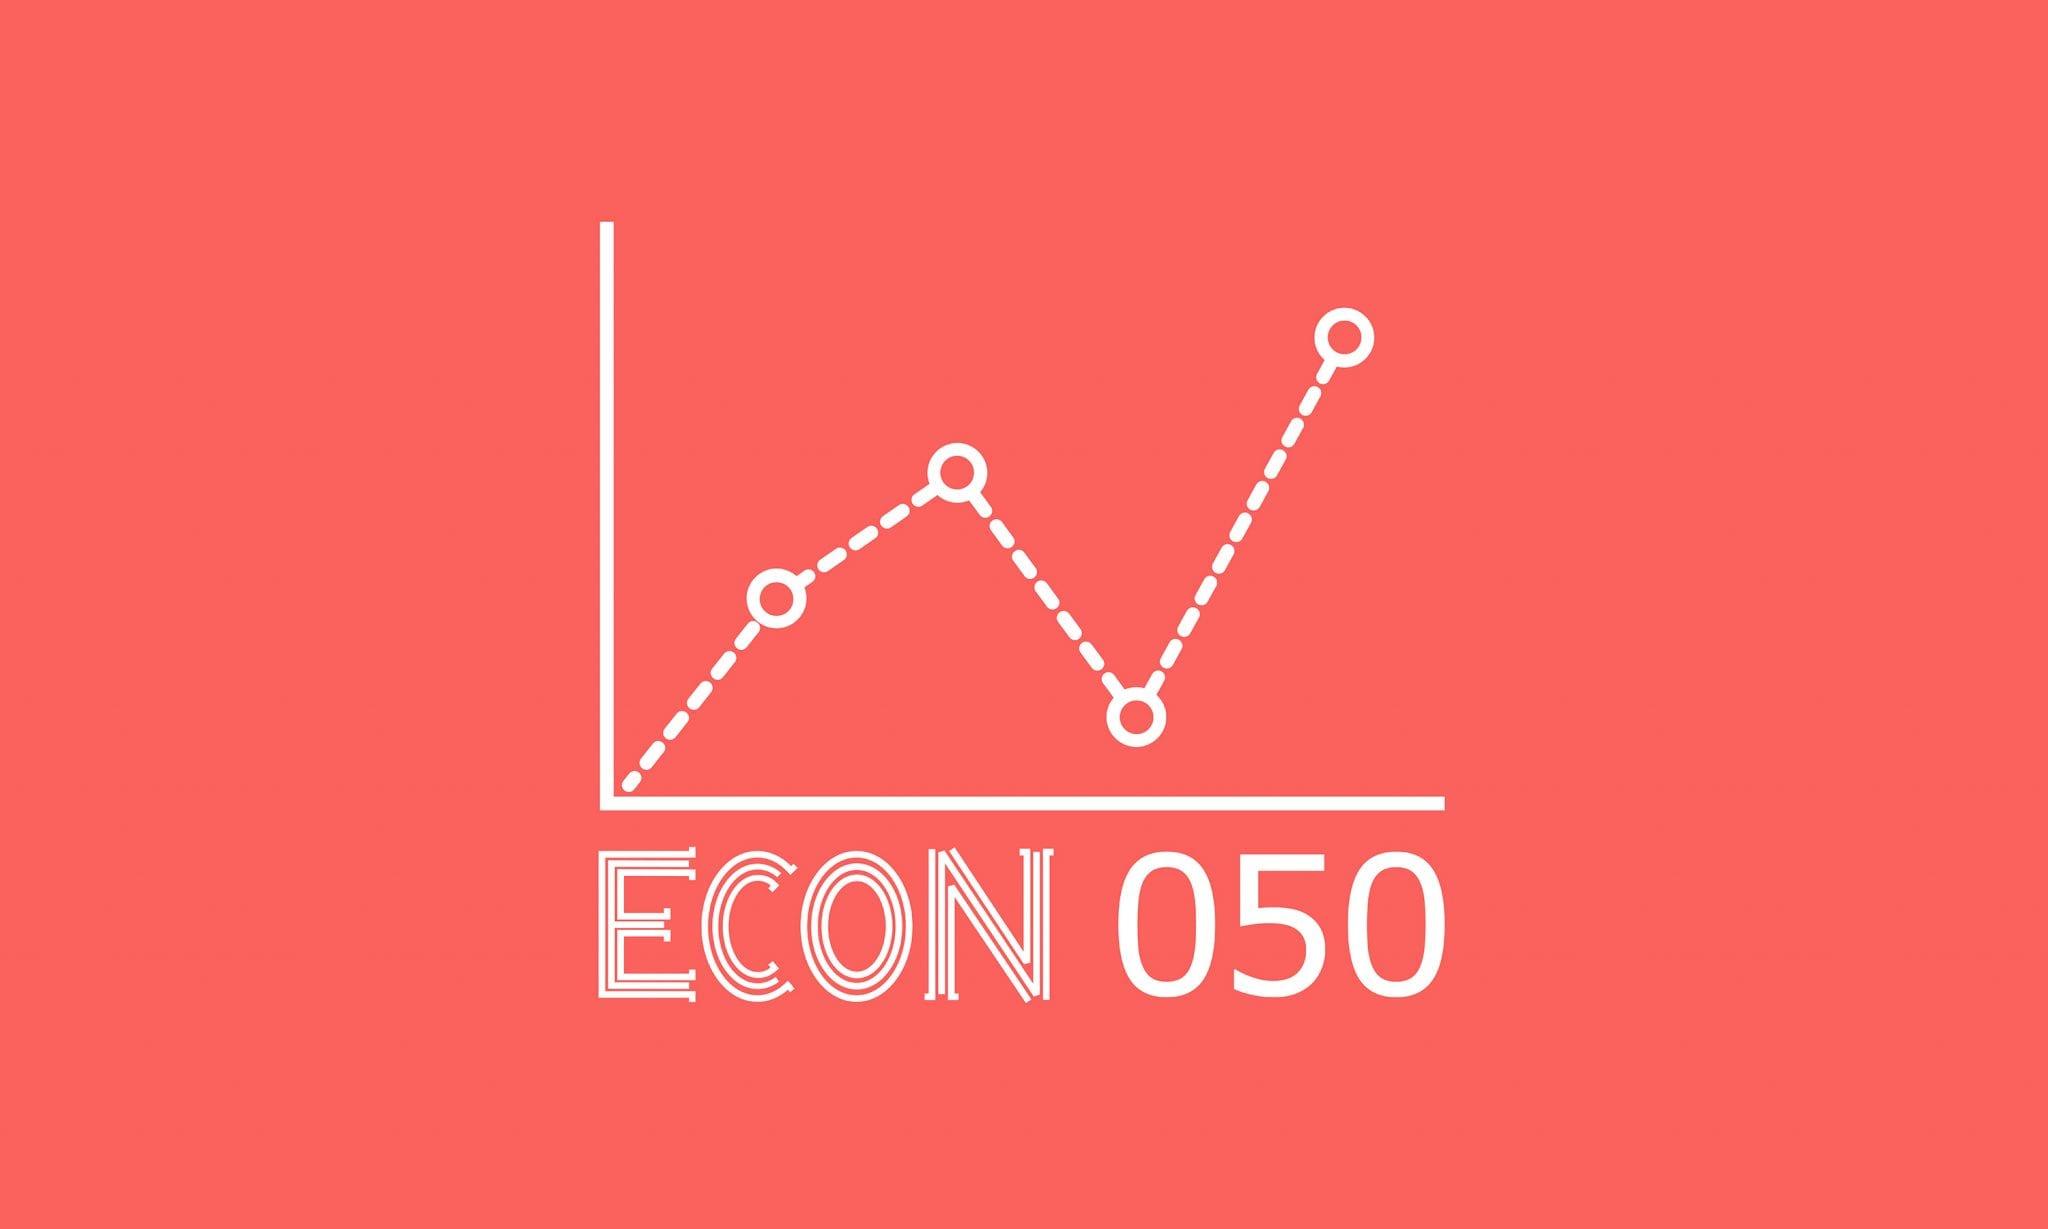 econ_050_horizontal